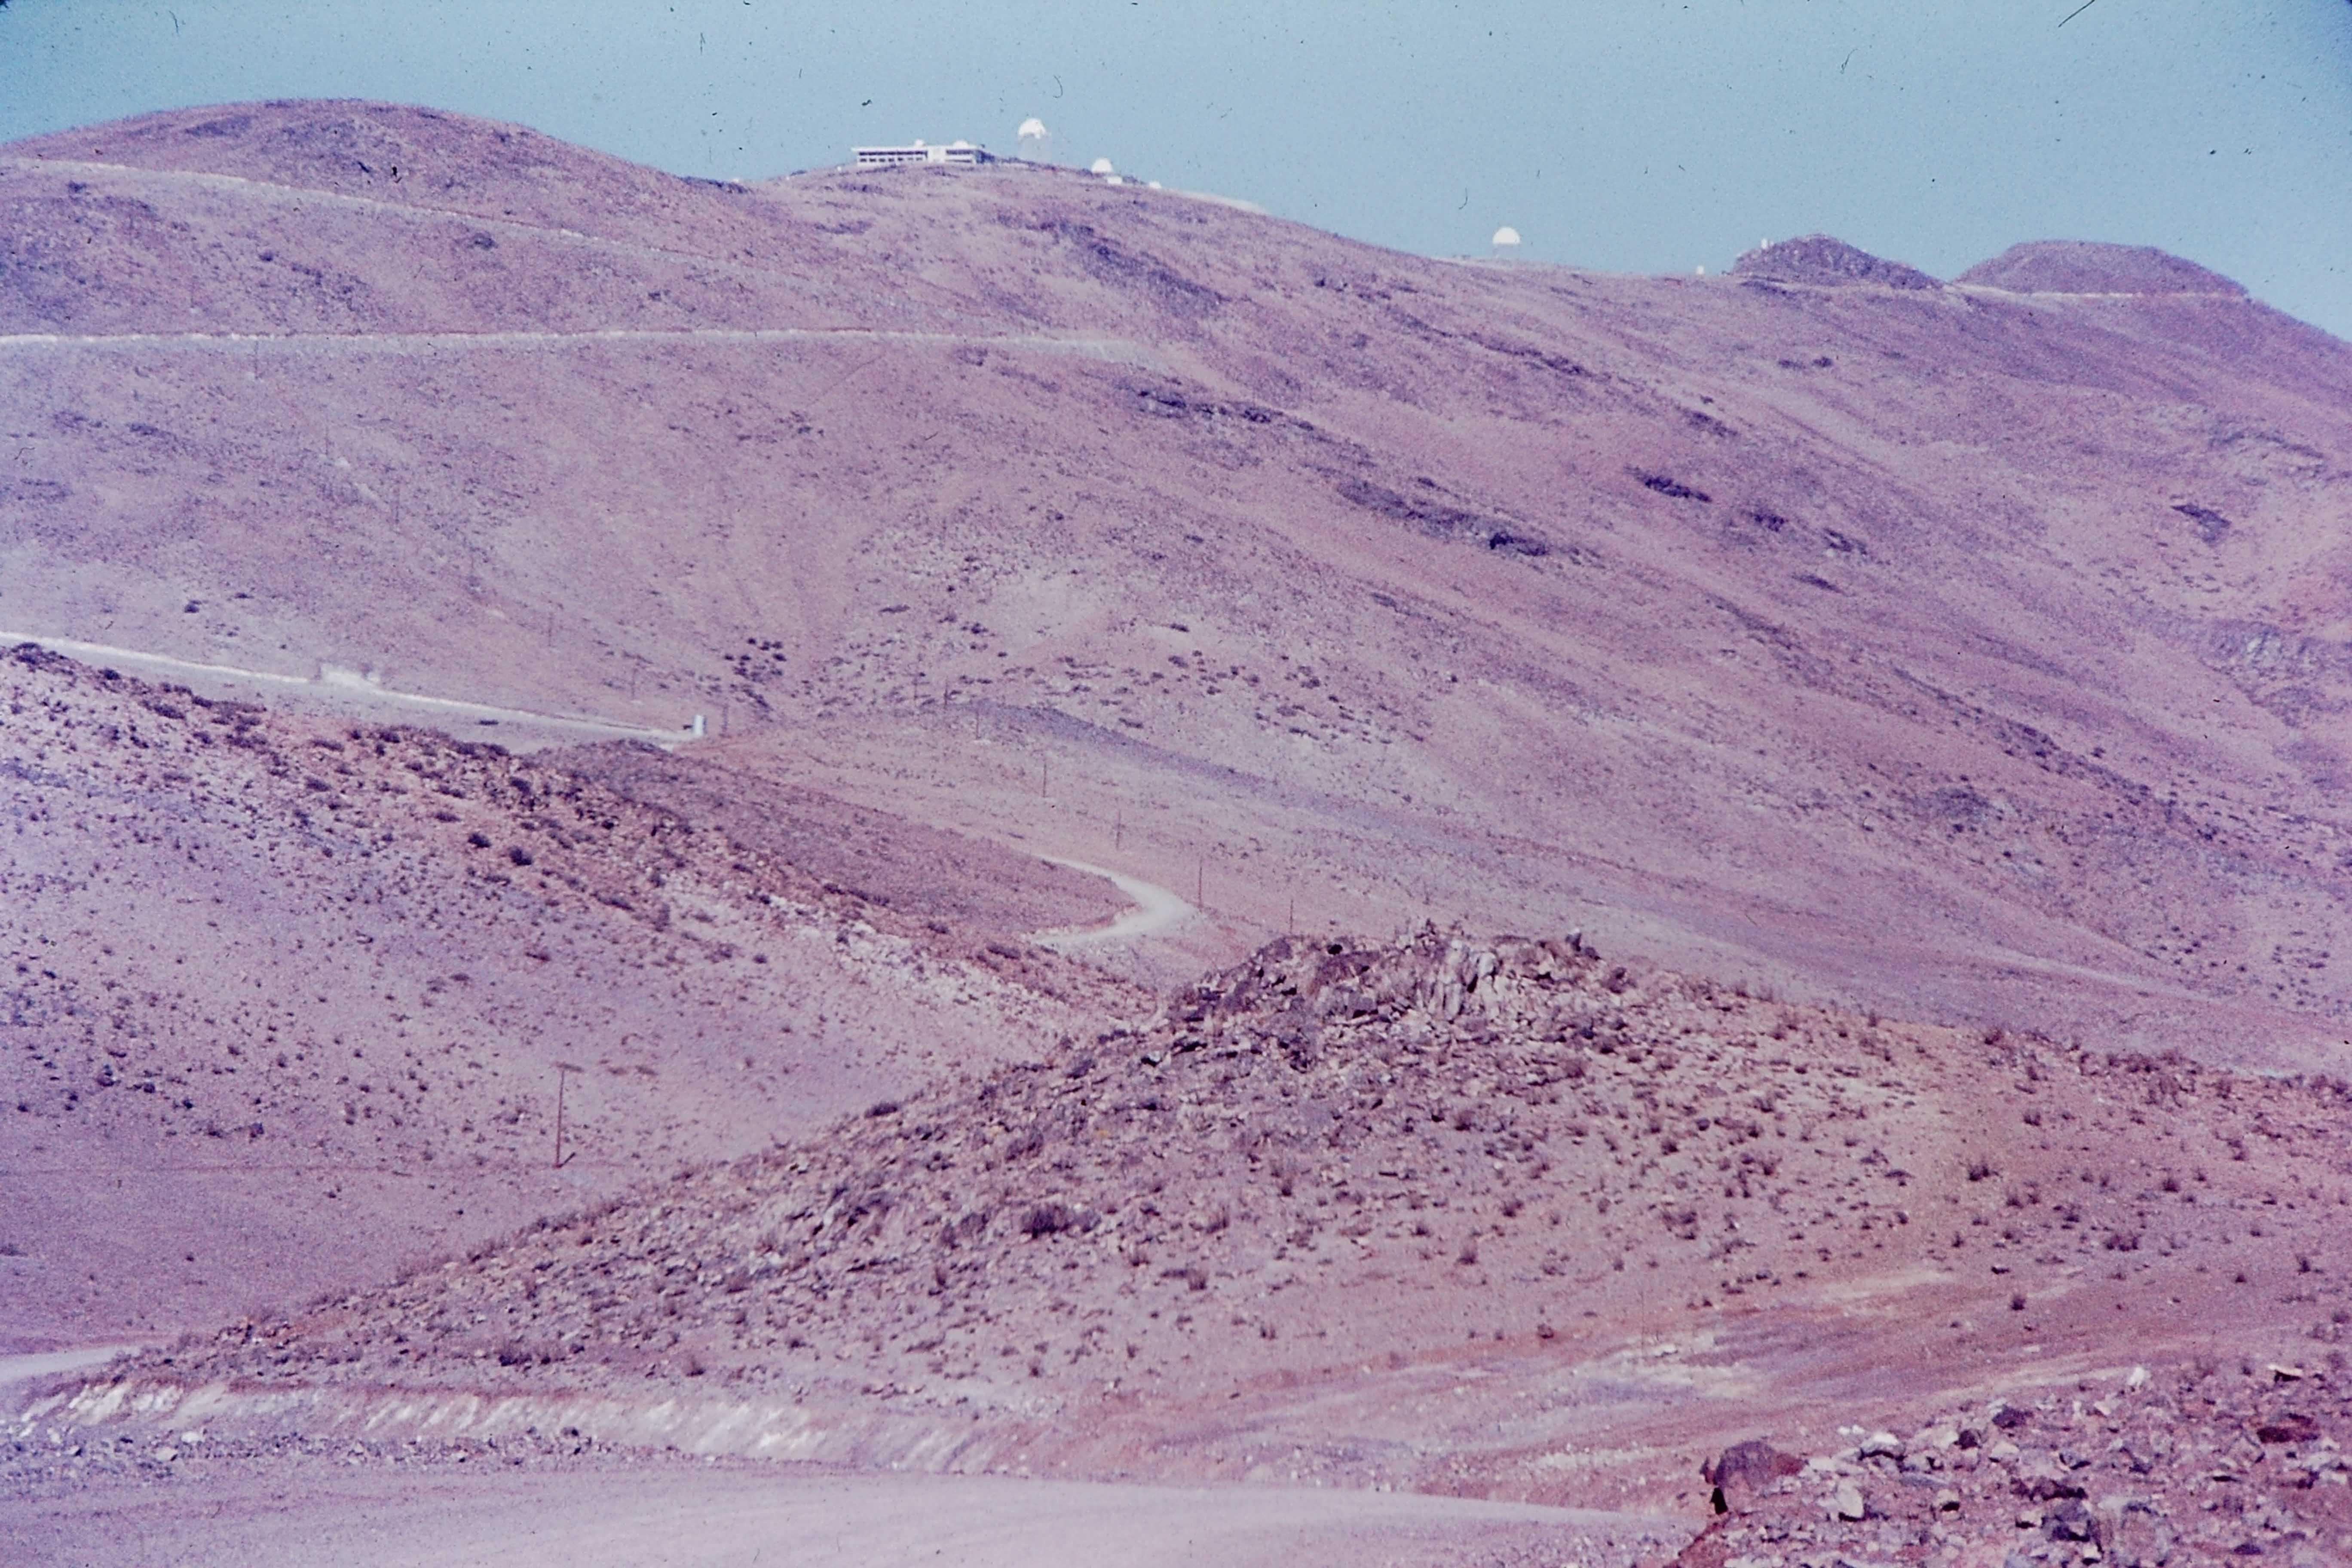 Enterreno - Fotos históricas de chile - fotos antiguas de Chile - Vista al Observatorio Cerro La Silla, 70s